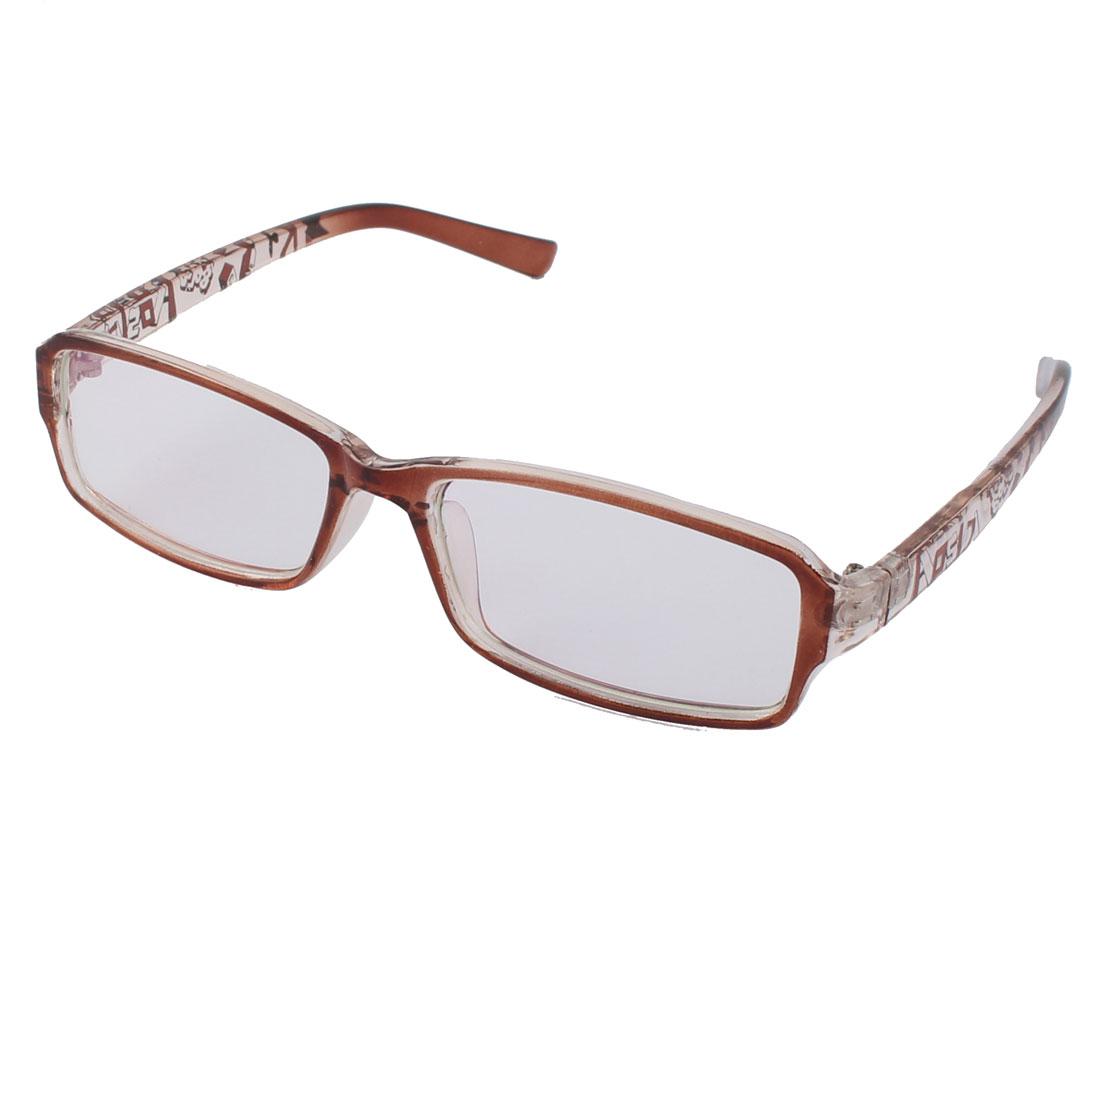 Clear Lens Light Brown Letter Pattern Frame Plastic Eyewear Plain Glass